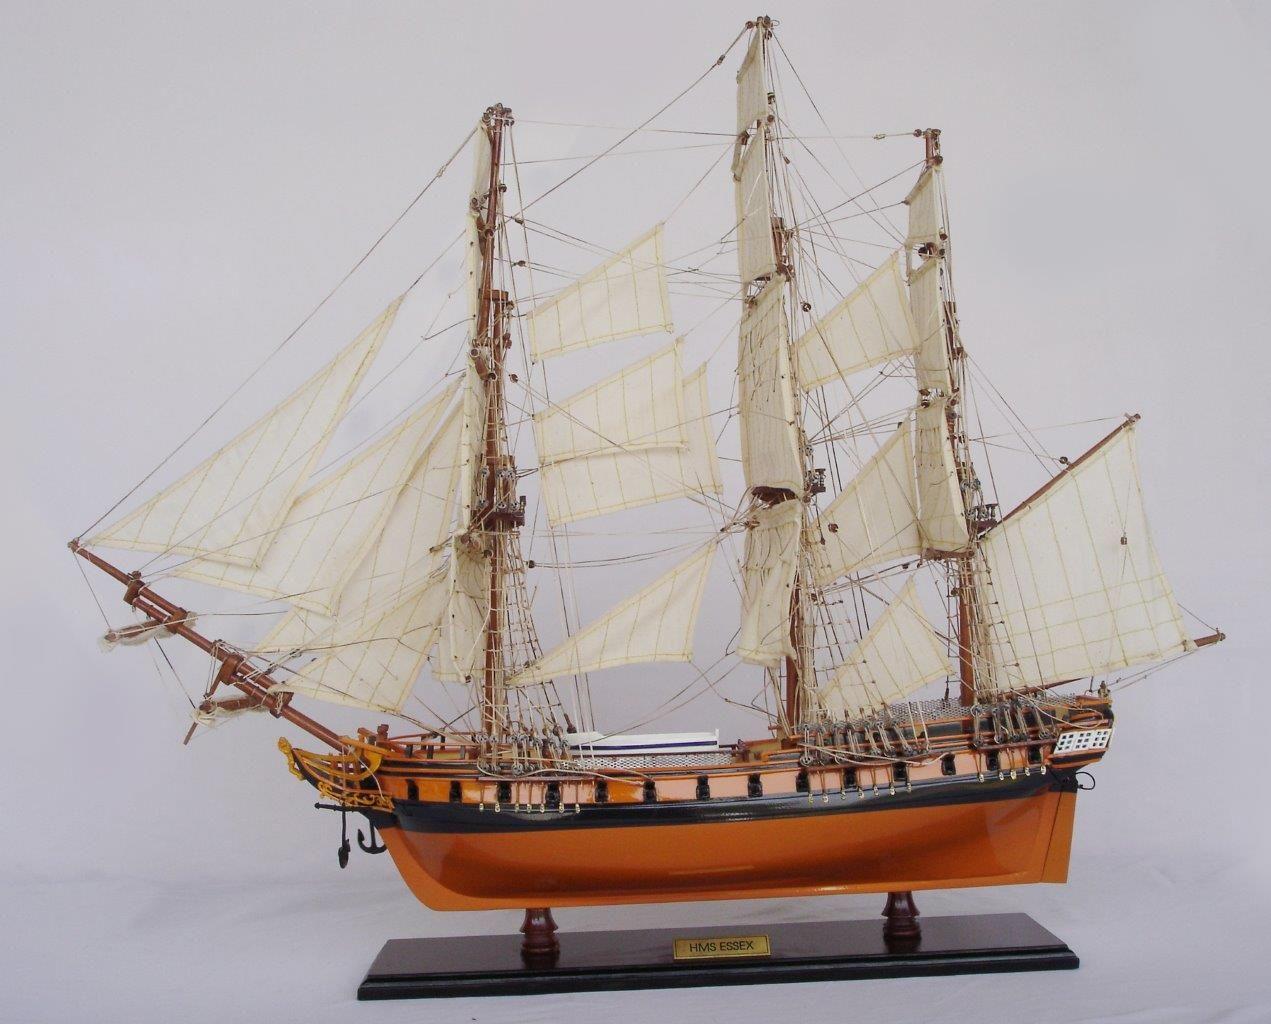 2020-11879-HMS-Essex-Model-Ship